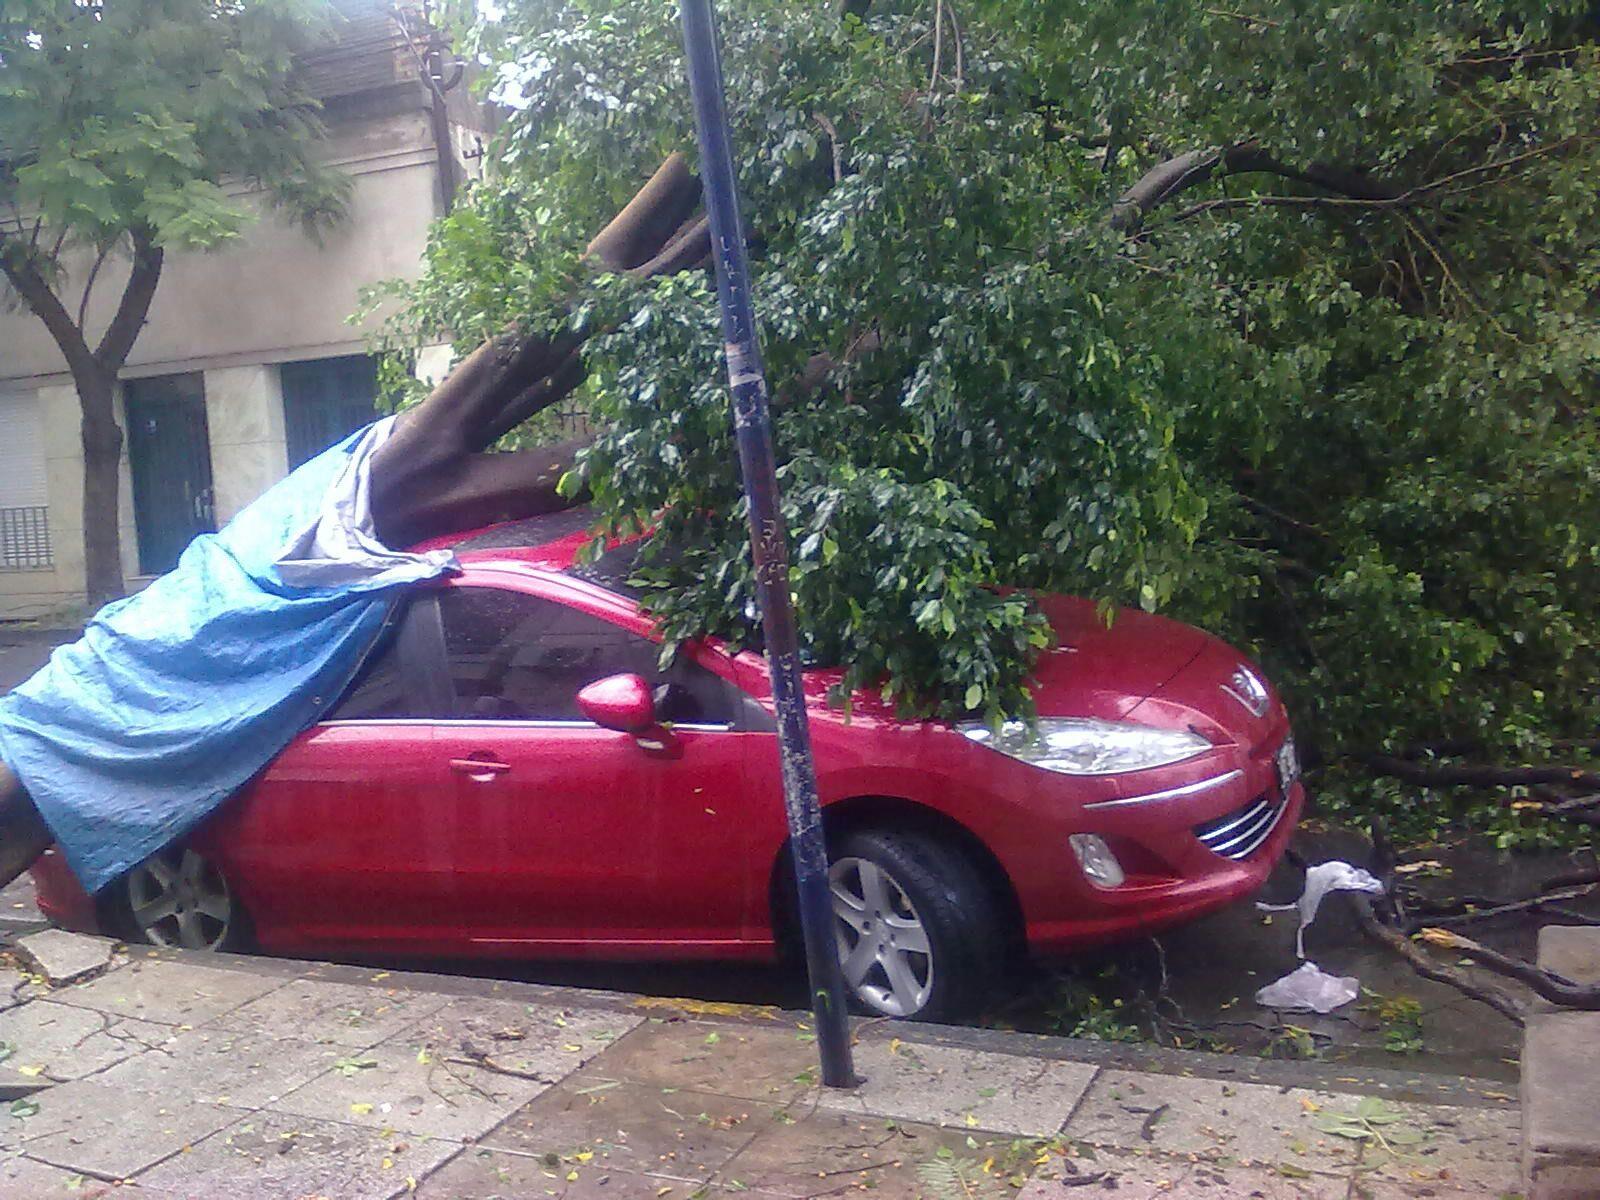 Un árbol cayó sobre un auto en 9 de julio al 3100. Gentileza Benjamín Alvarez.